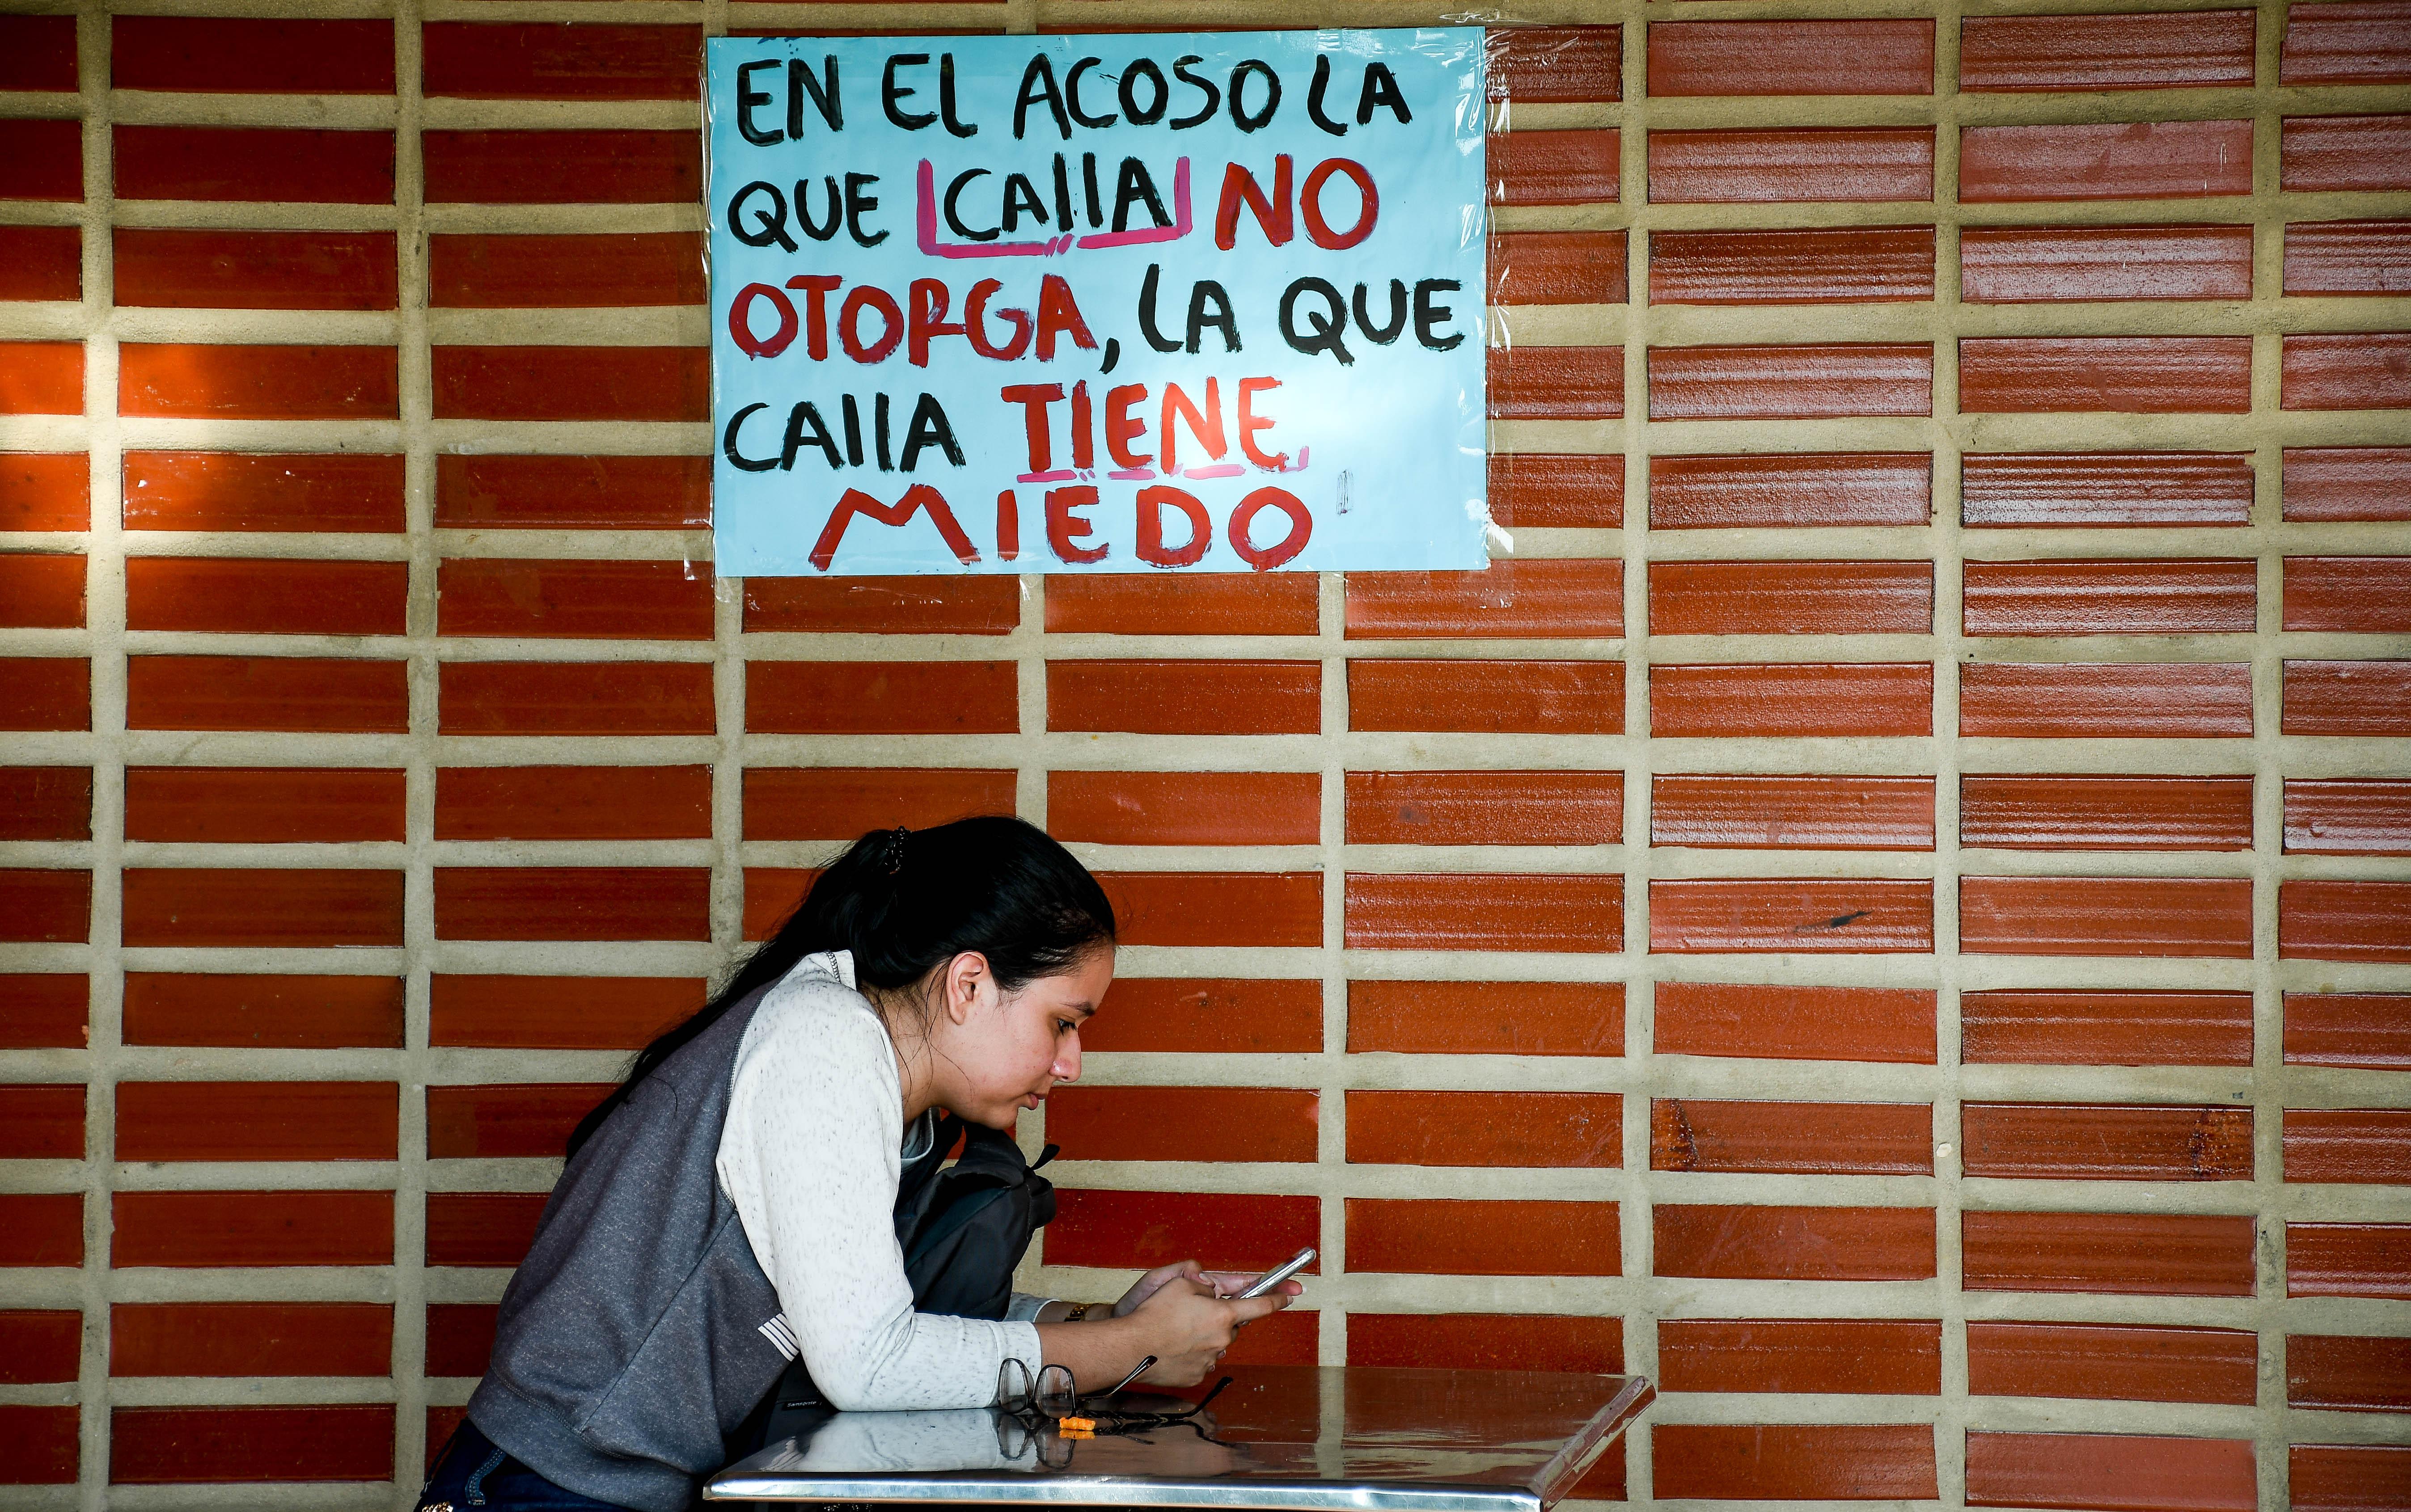 Estudiantes pegaron en las paredes mensajes sobre el acoso sexual en la Uniatlántico.